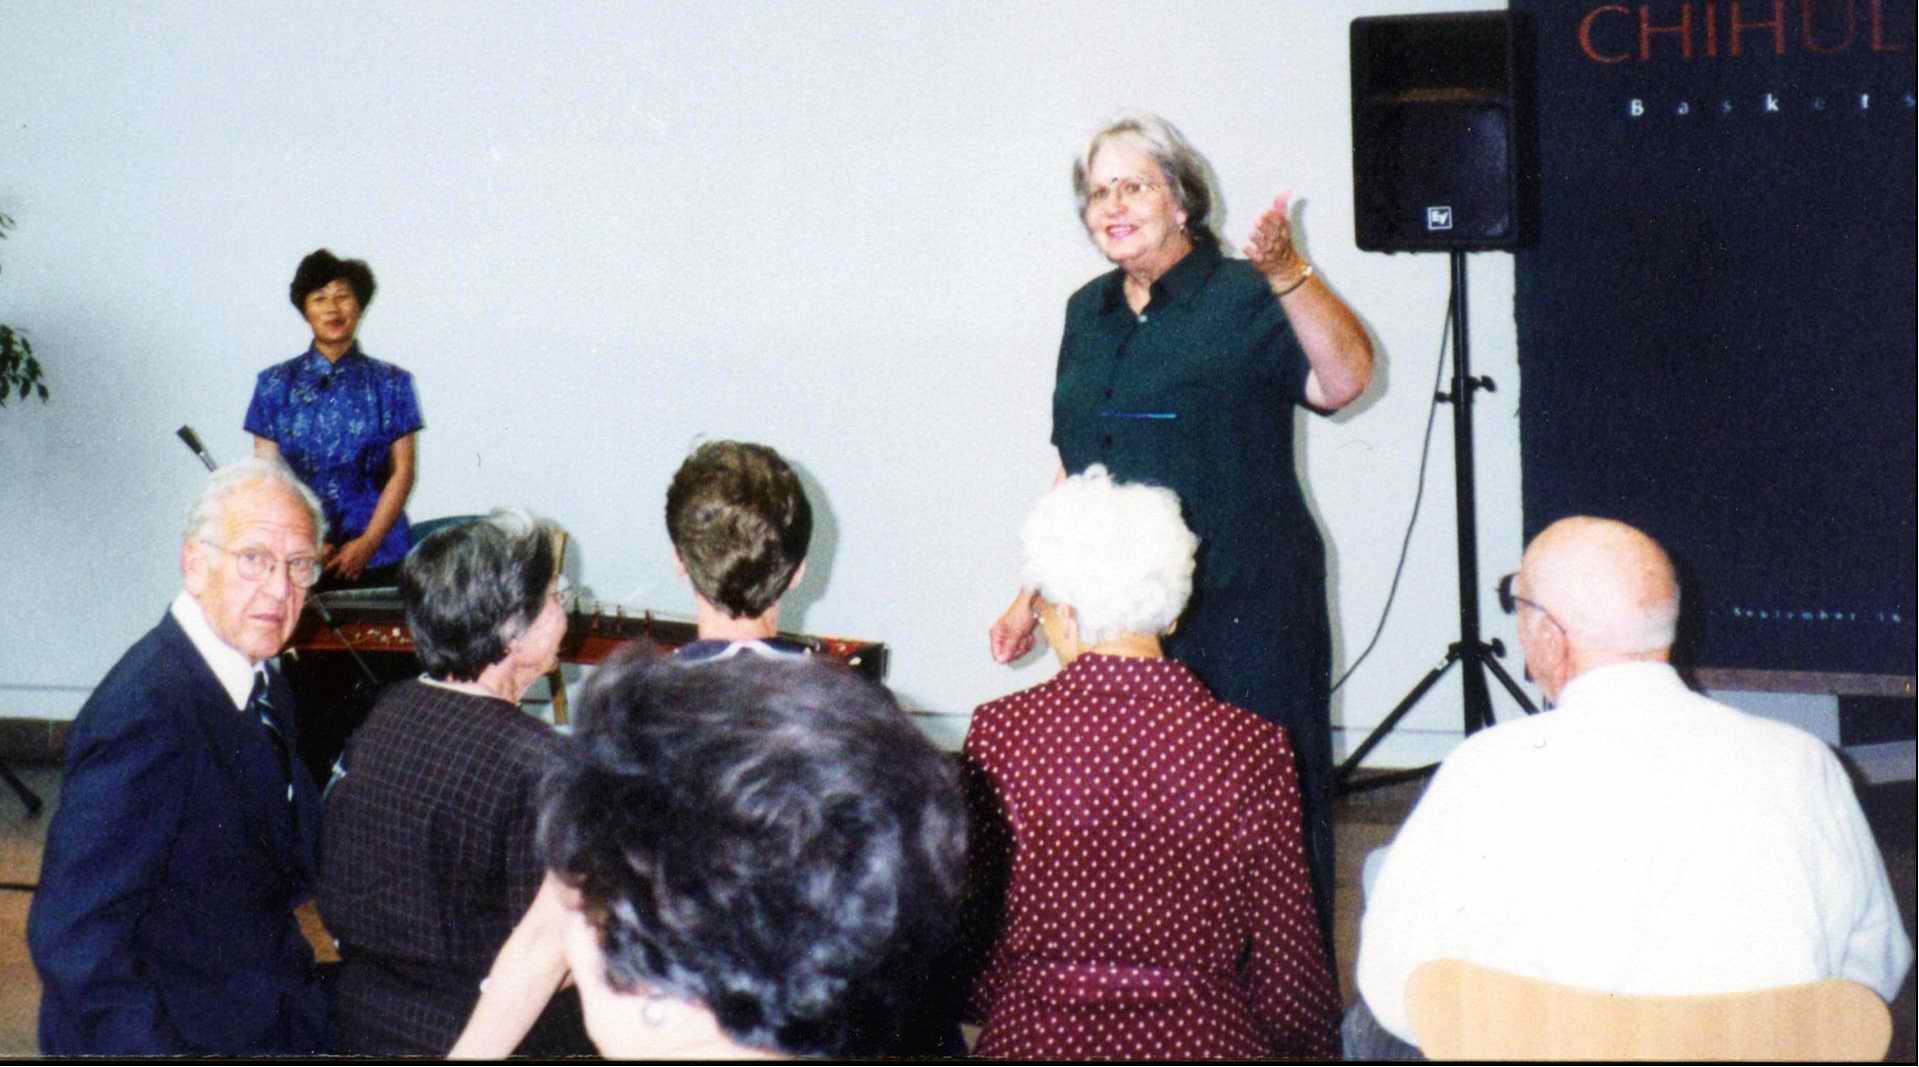 2000年应美国杨伯翰大学邀请举办古筝讲座